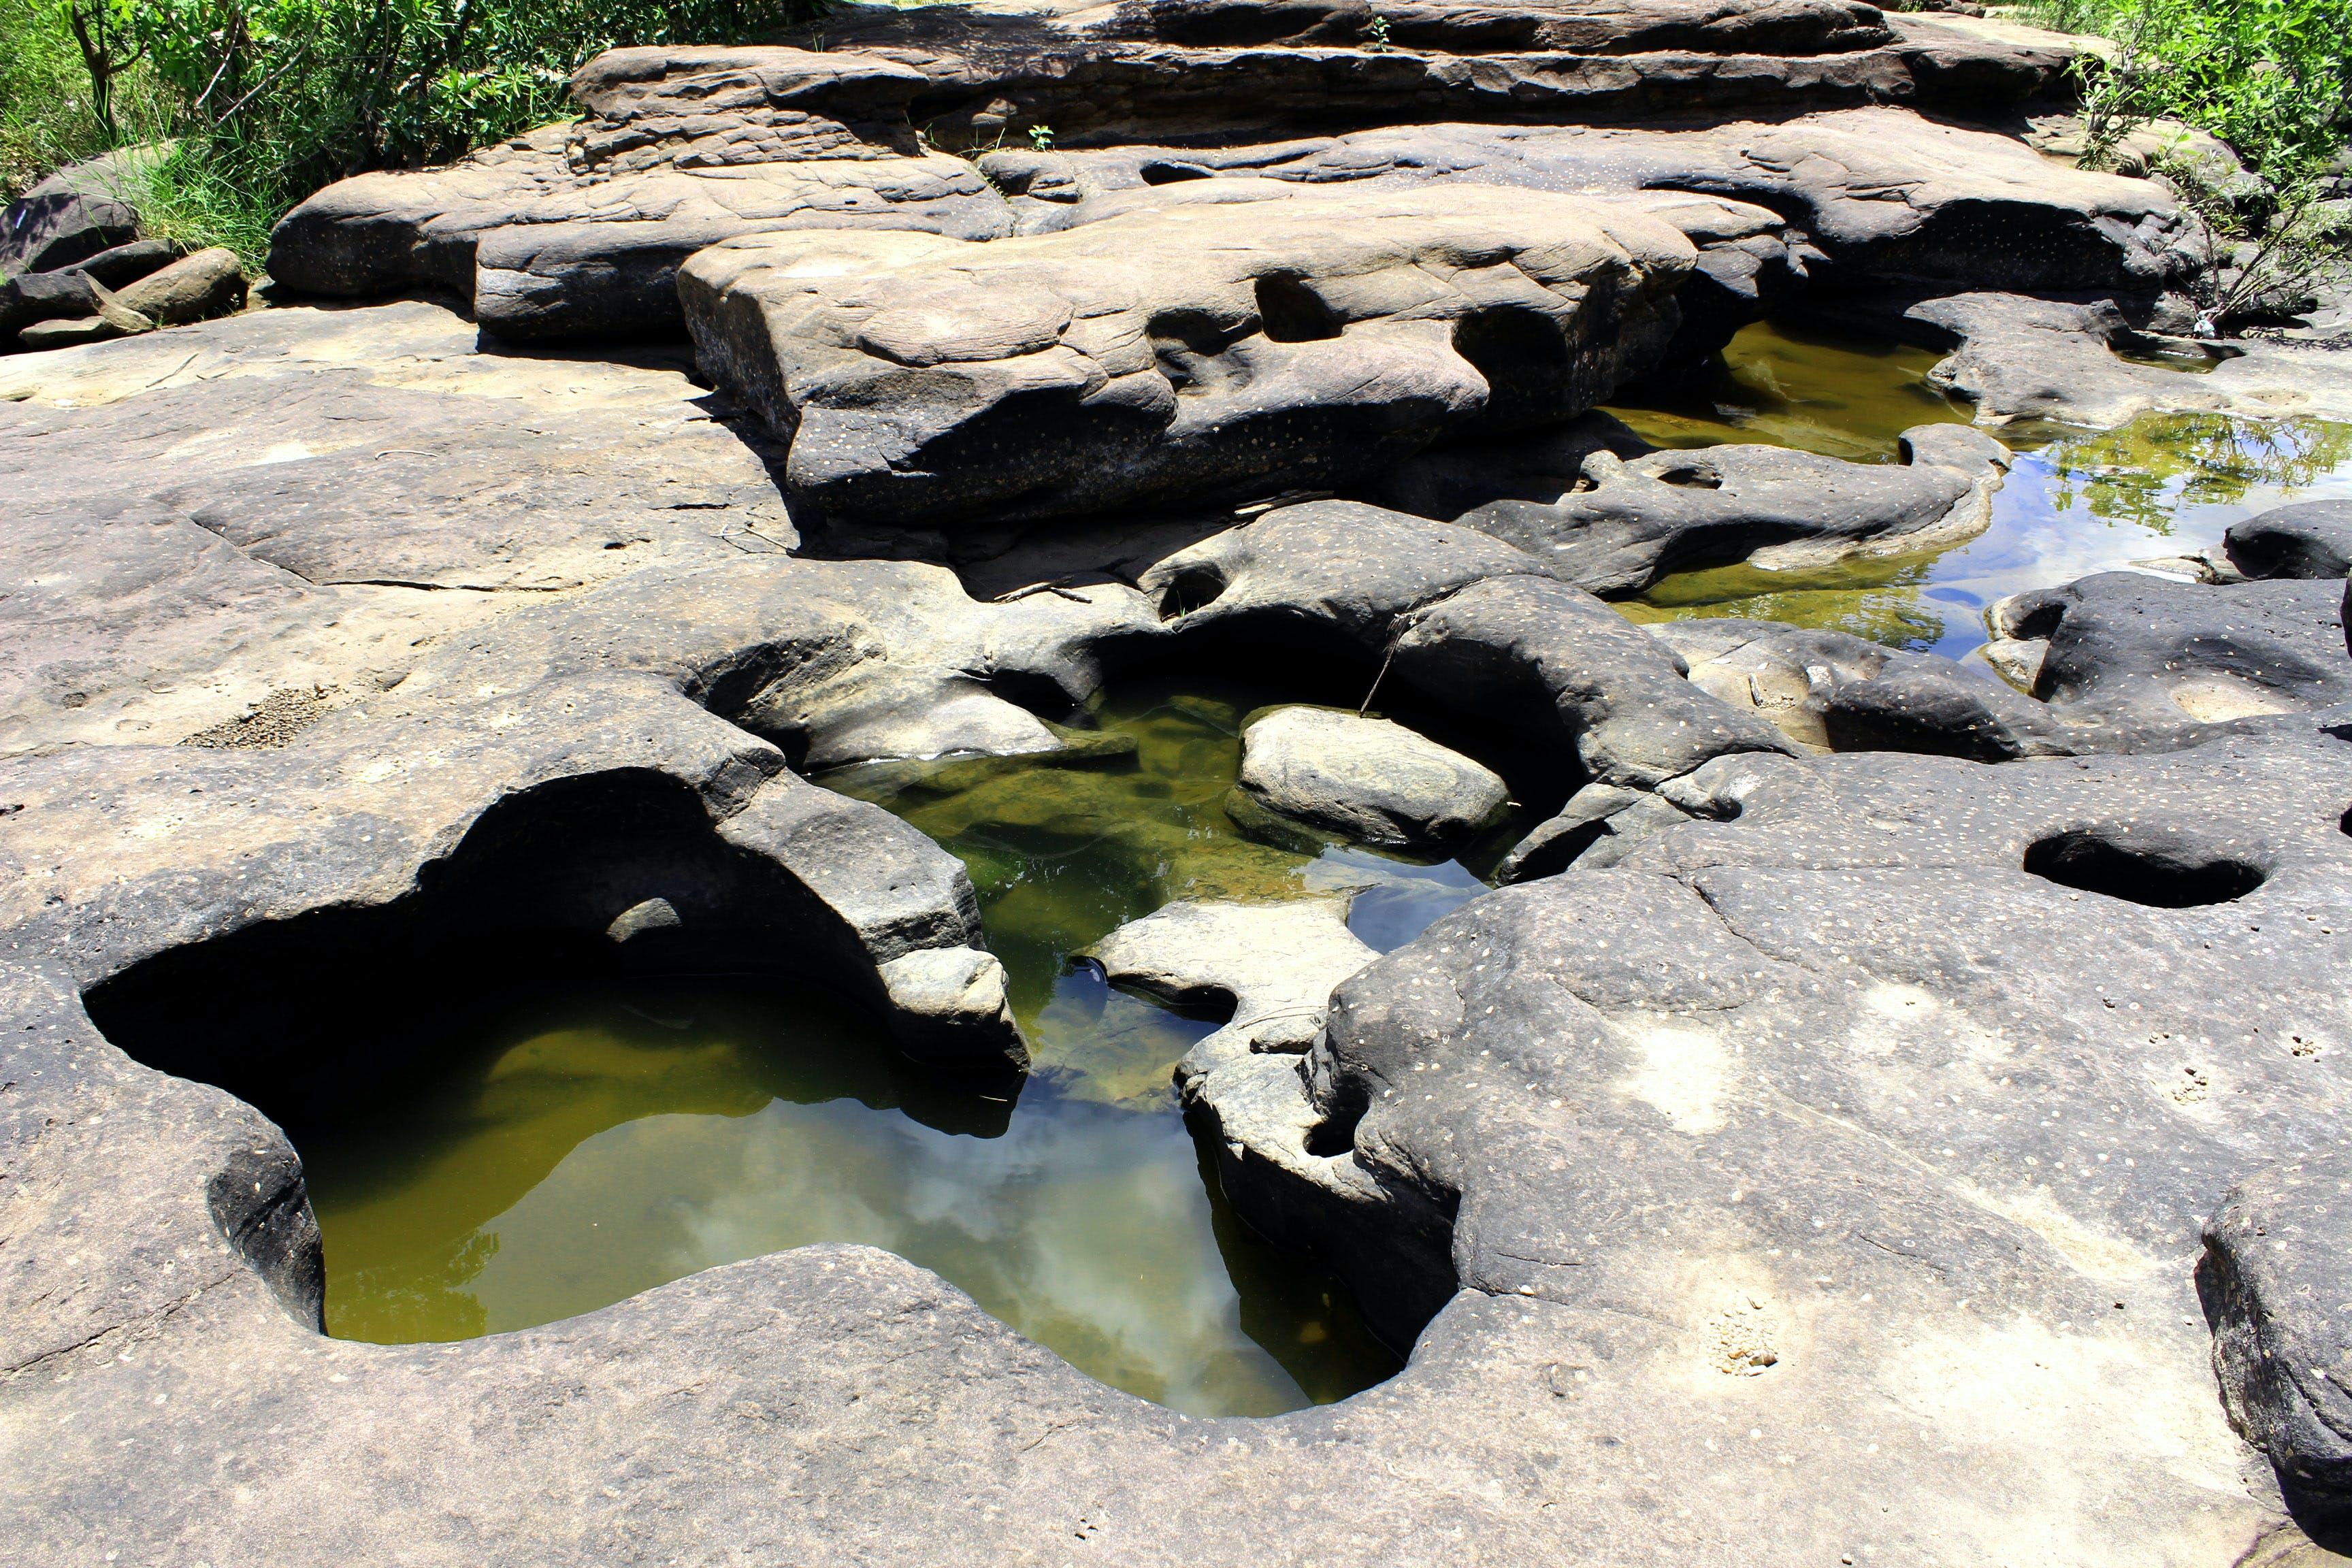 Body of Water on Rocks